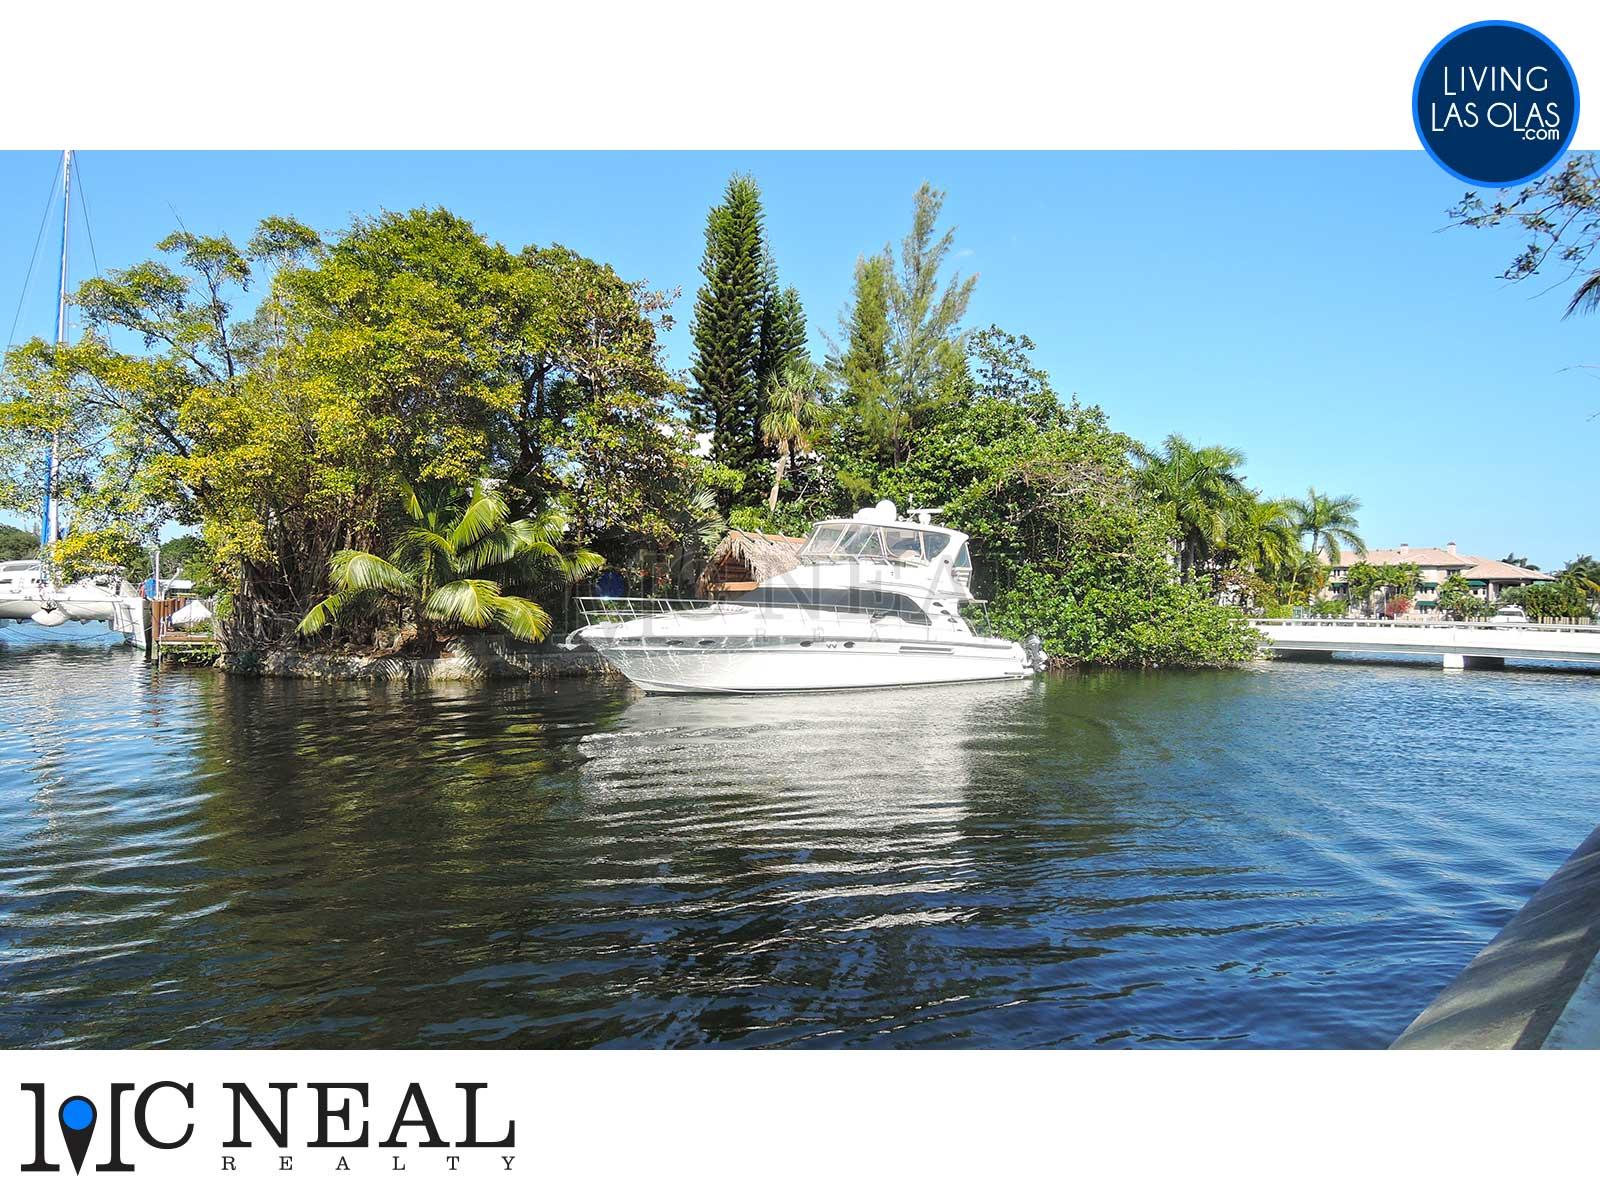 Navarro Isle Homes Real Estate Las Olas Isles 02